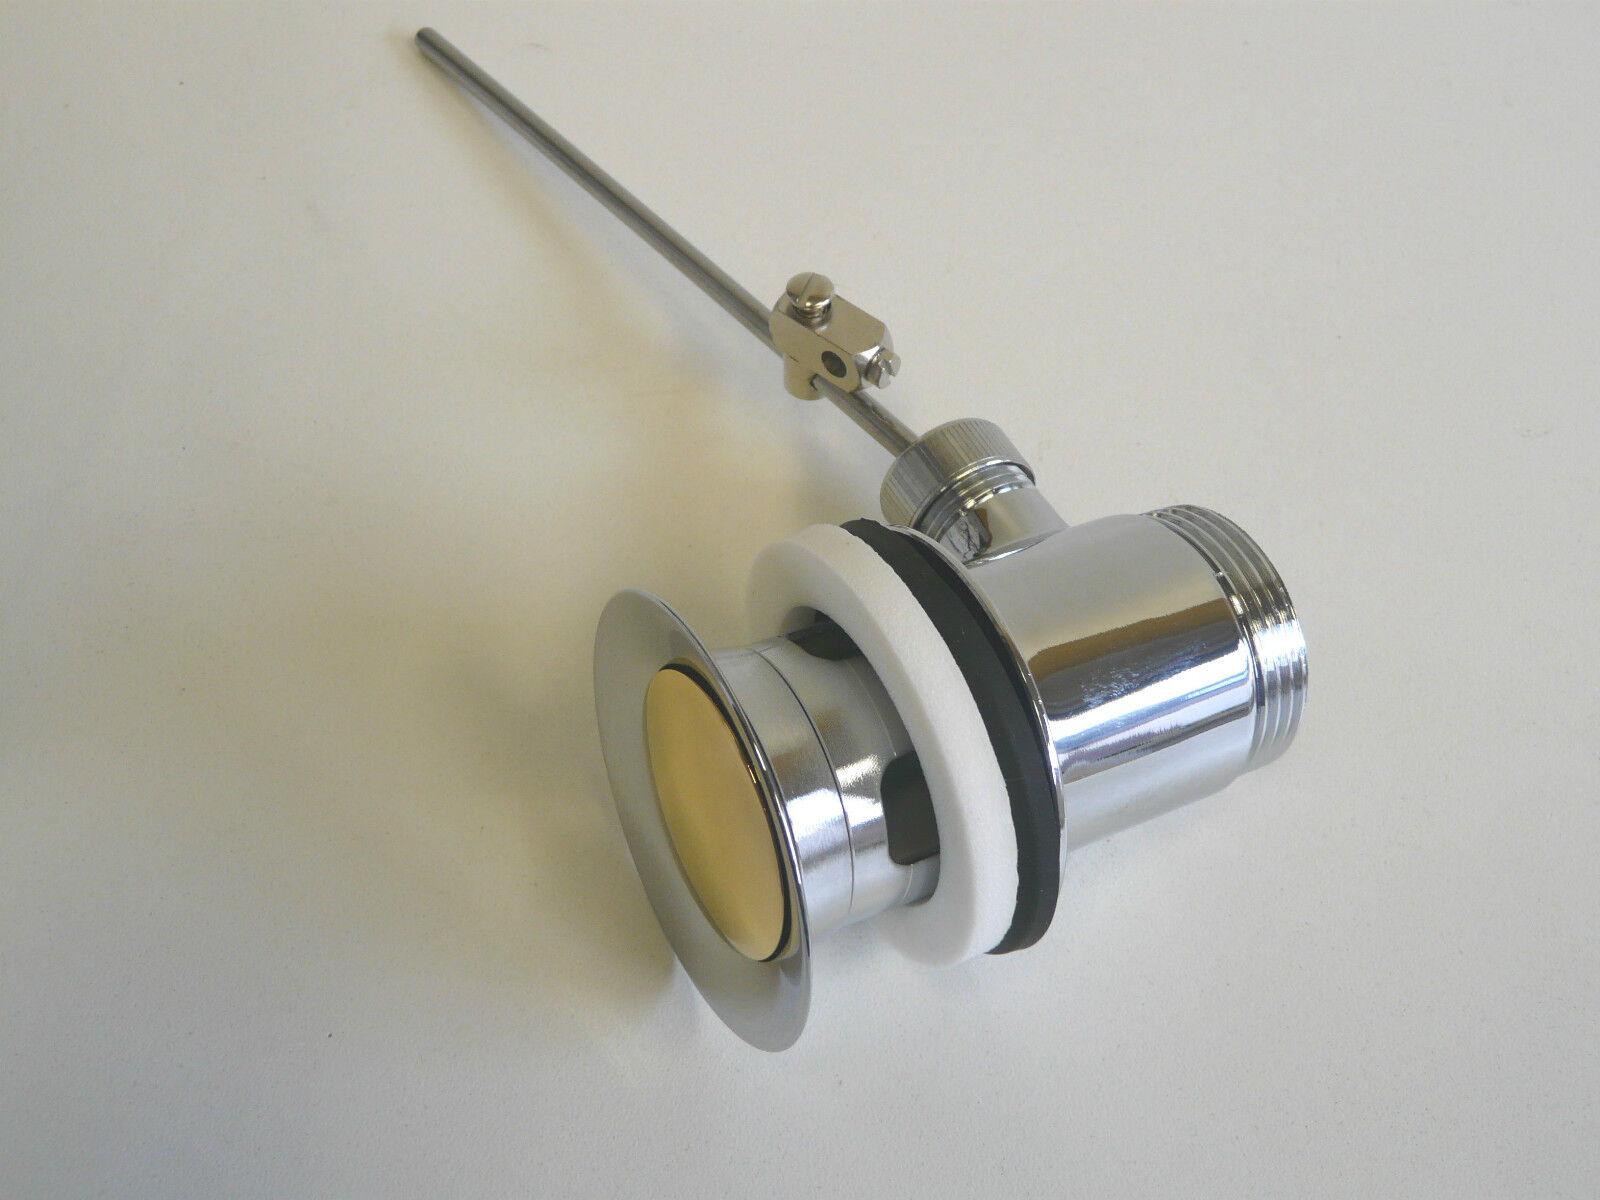 Ablaufgarnitur Chrom/Gold (24 Karat), Ablaufventil, Excenter, Waschtisch Waschtisch Waschtisch e48910